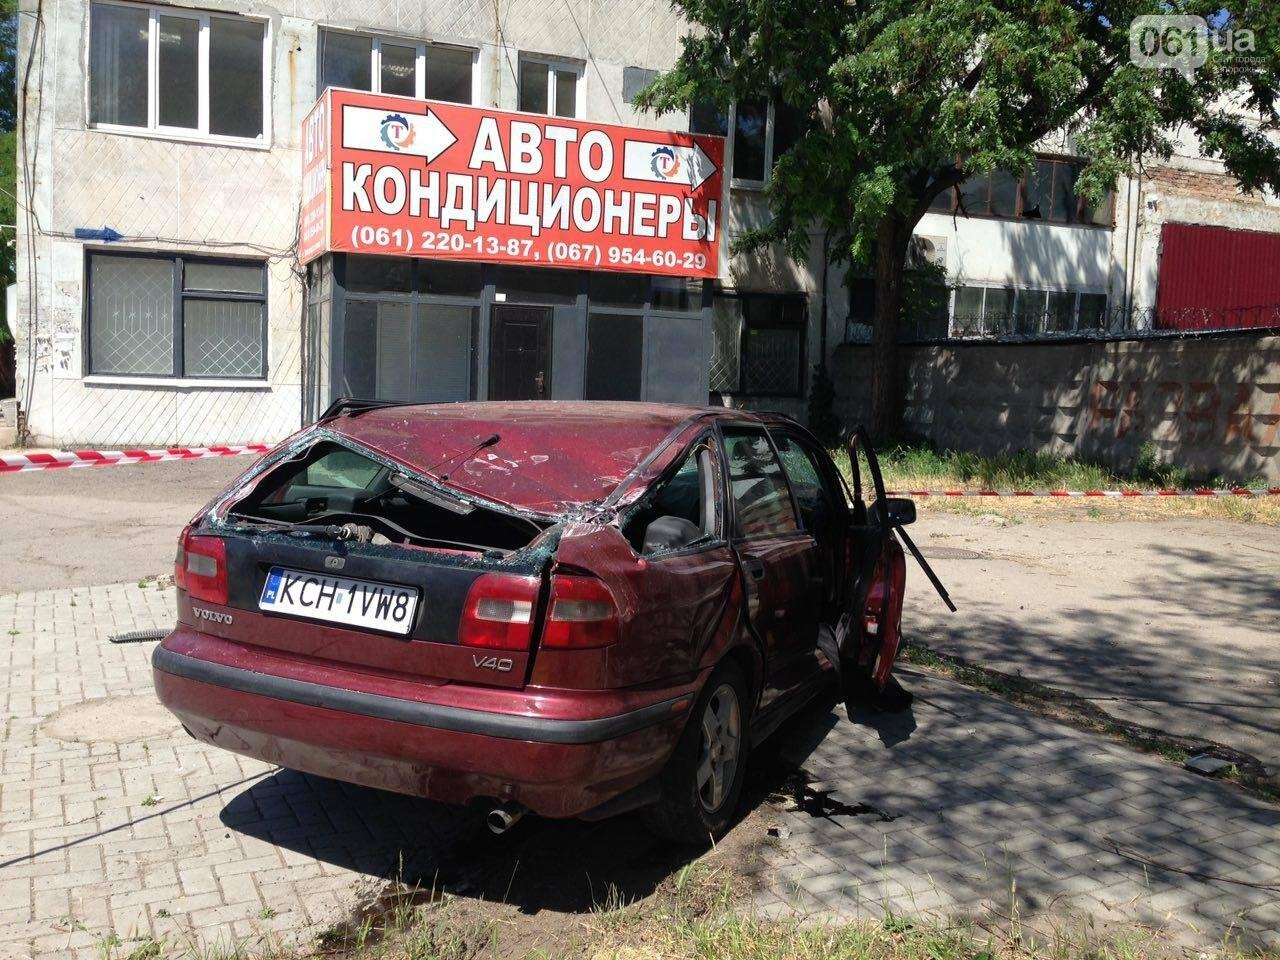 Виновник смертельного ДТП с маршруткой в Запорожье был под метадоном, марихуаной и амфетамином, фото-2